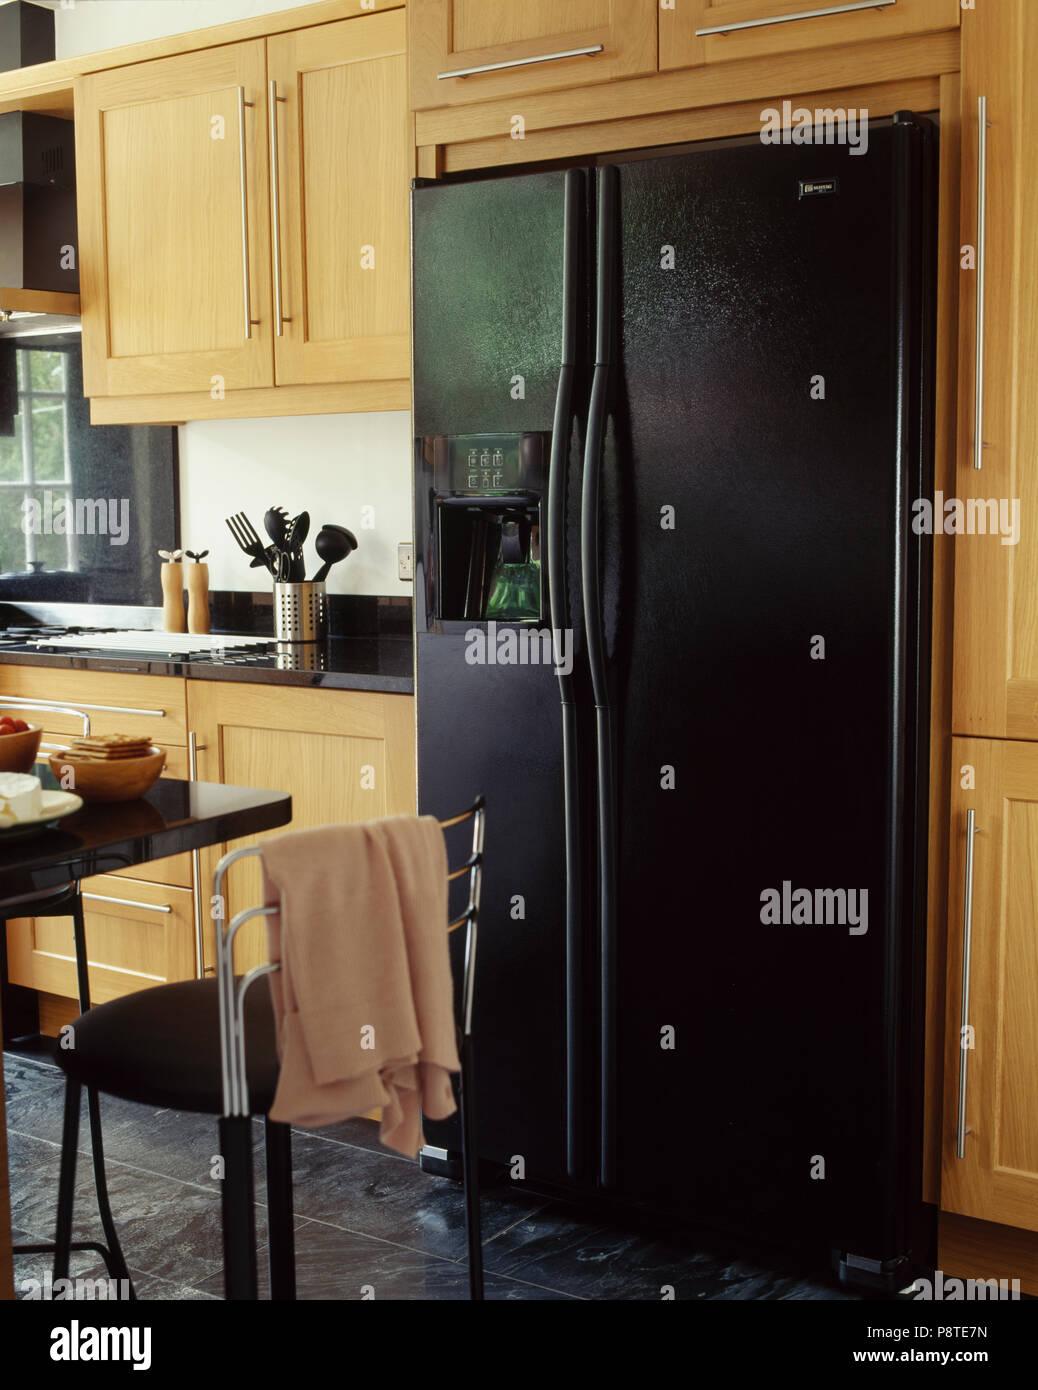 Nero grande stile americano frigo congelatore in una cucina moderna ...